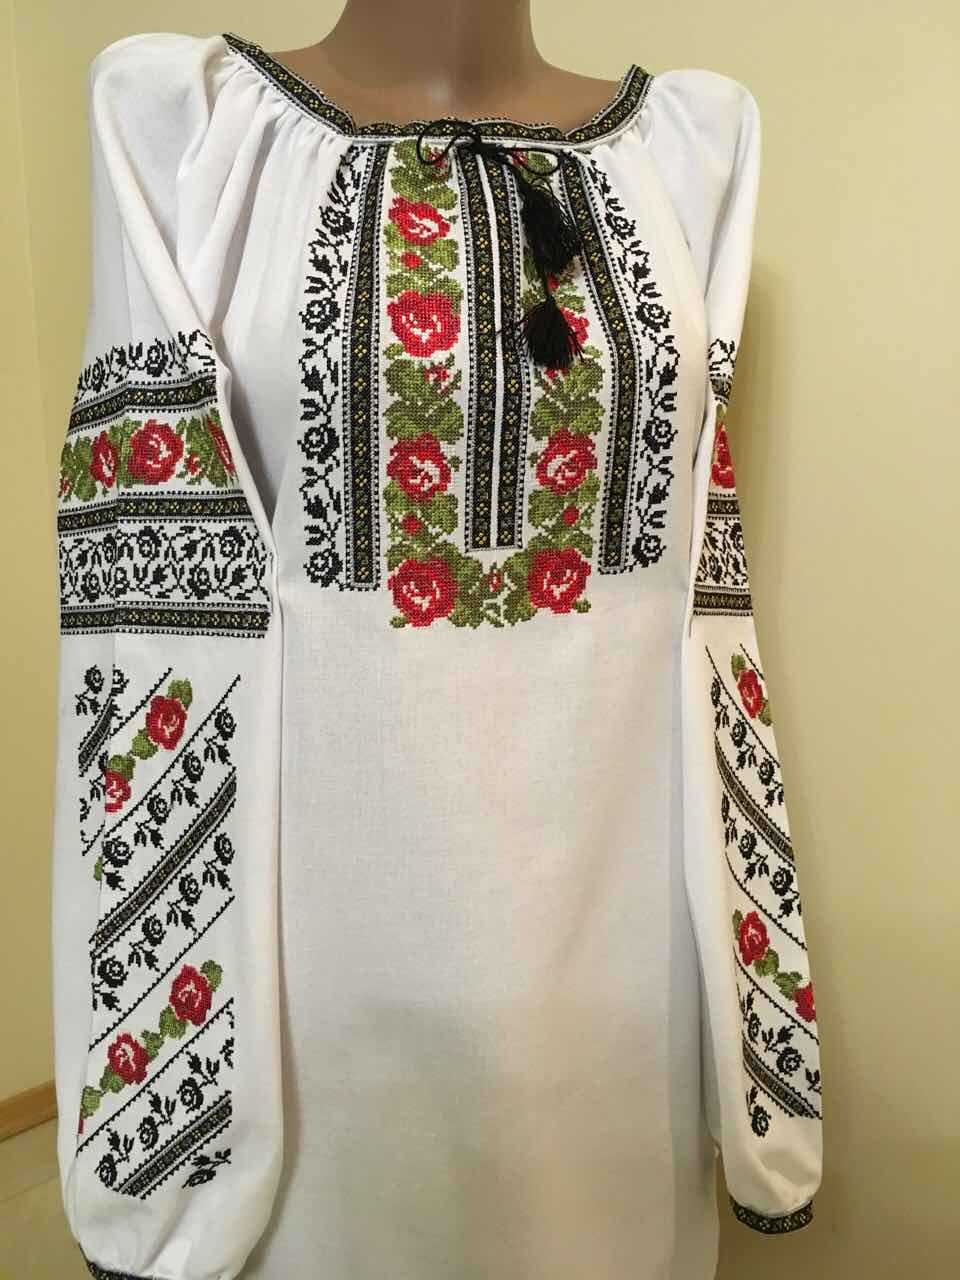 a644fec9f19d4e Вишиванка жіноча домоткане полотно машинна вишивка 52 розмір 3ХL -  Скарбниця Карпат- інтернет магазин виробів